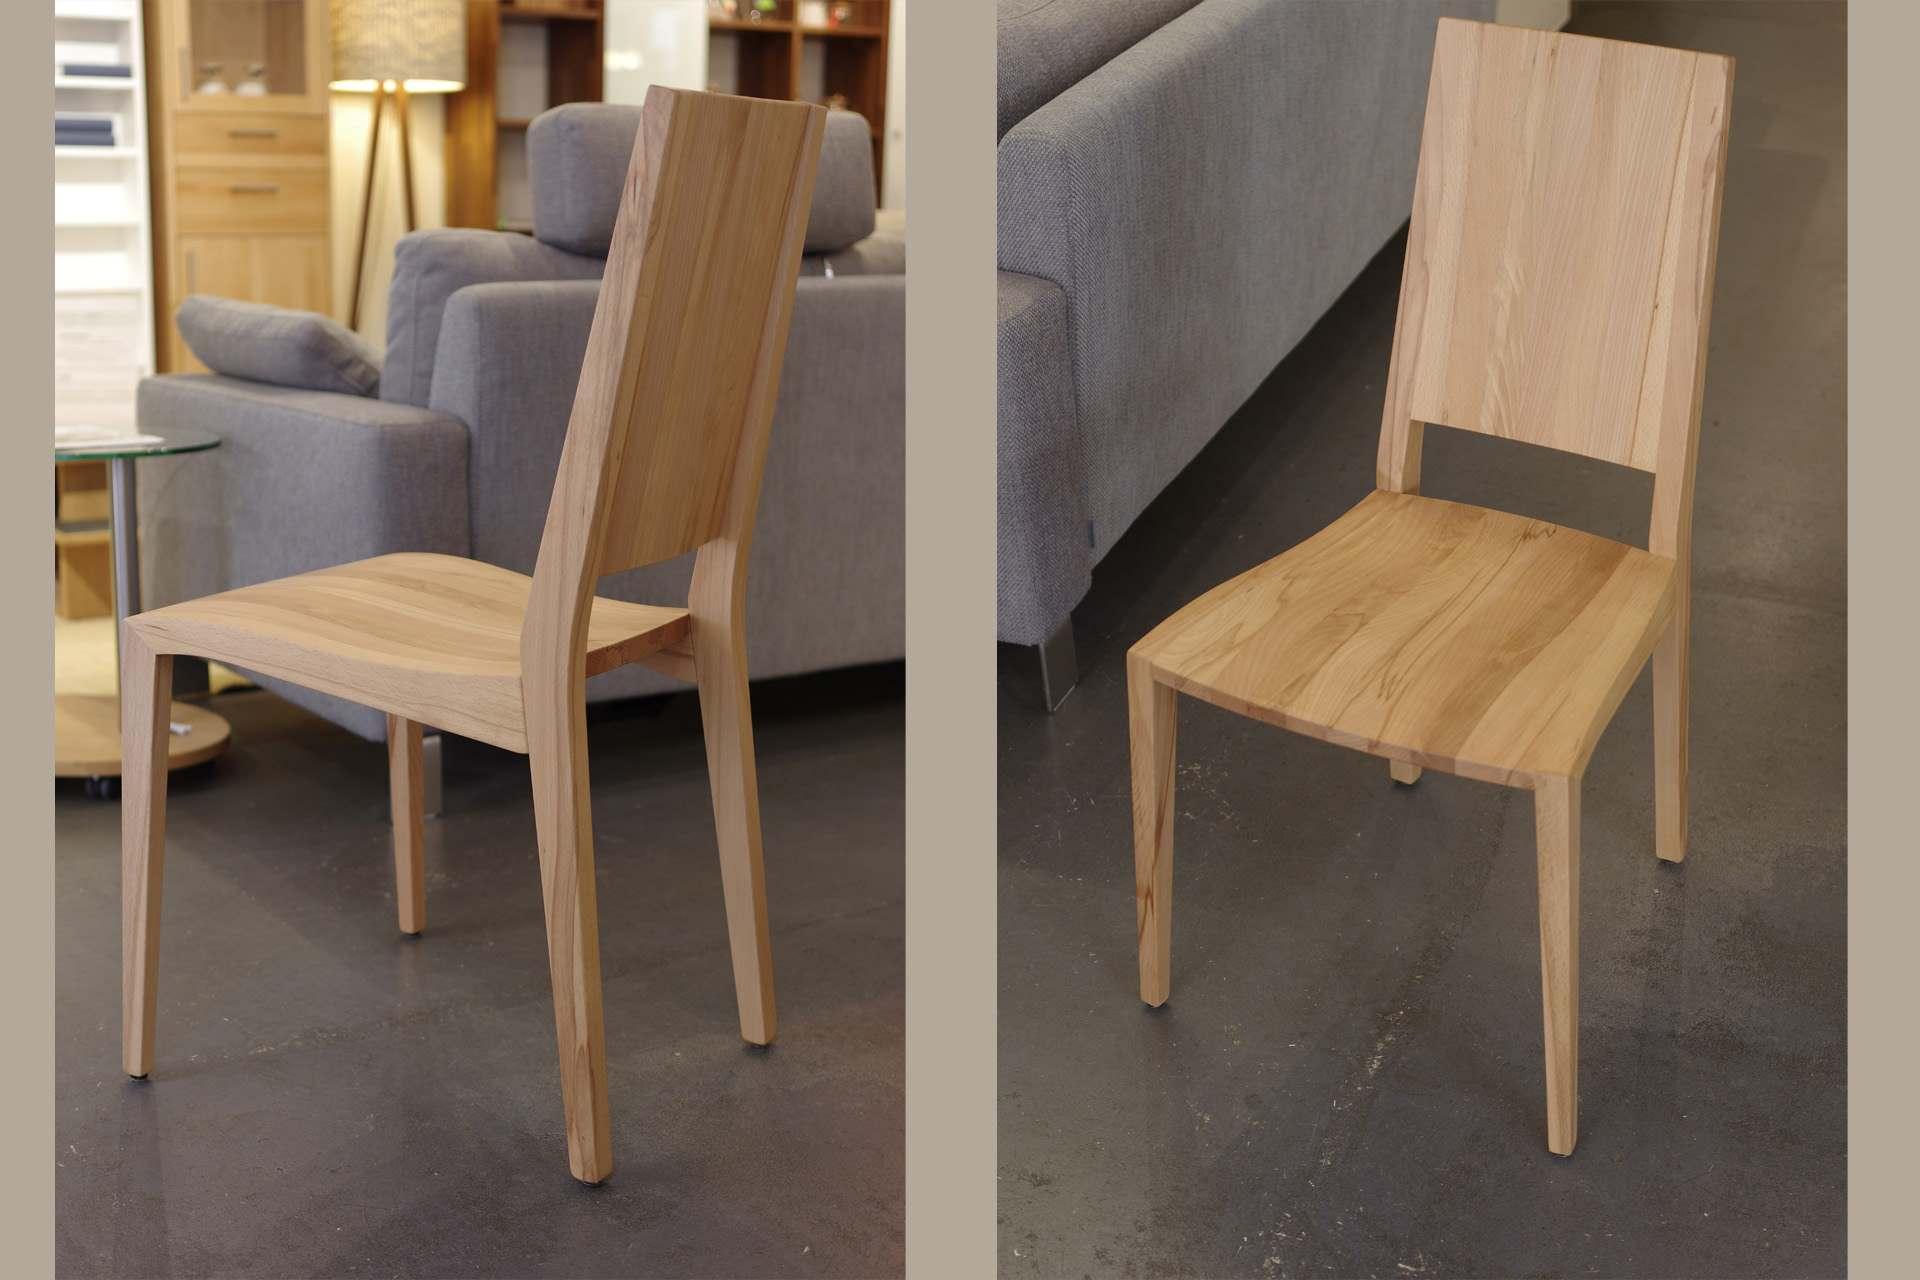 Holzstühle Julia 5 ohne Armlehnen